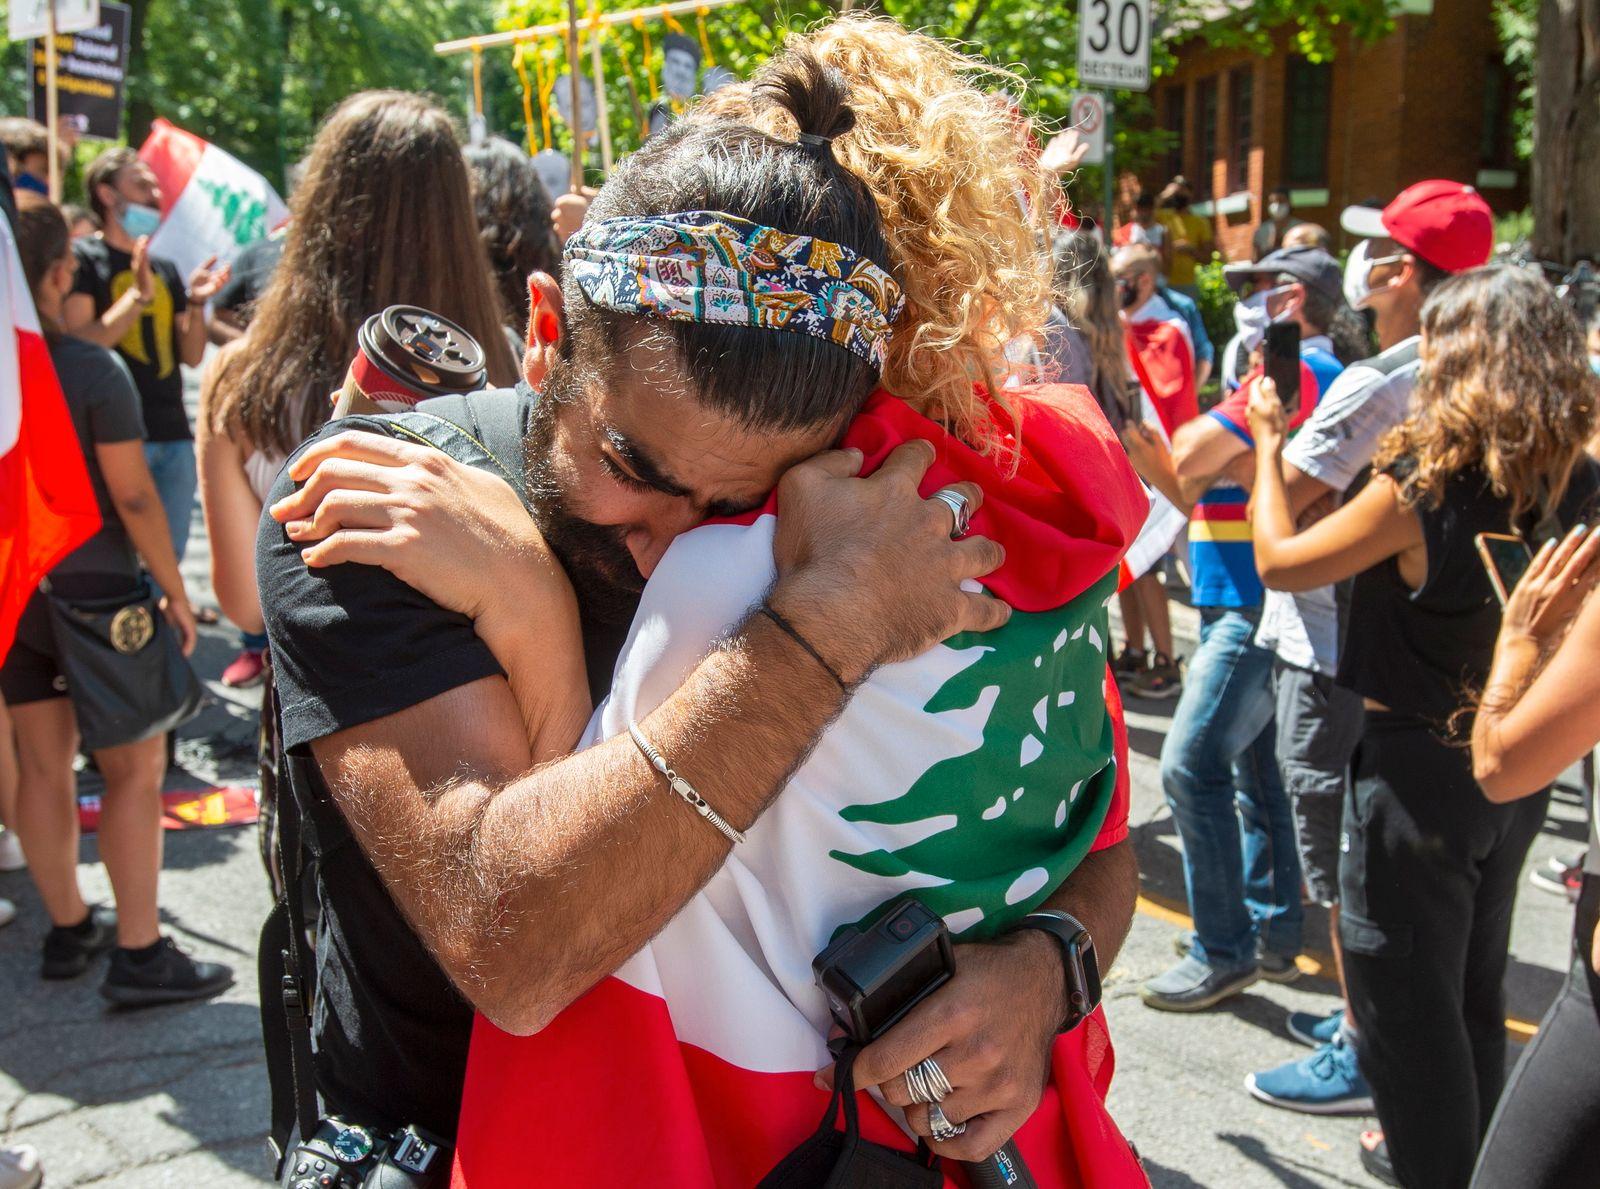 Nach der schweren Explosion in Beirut - Proteste in Kanada